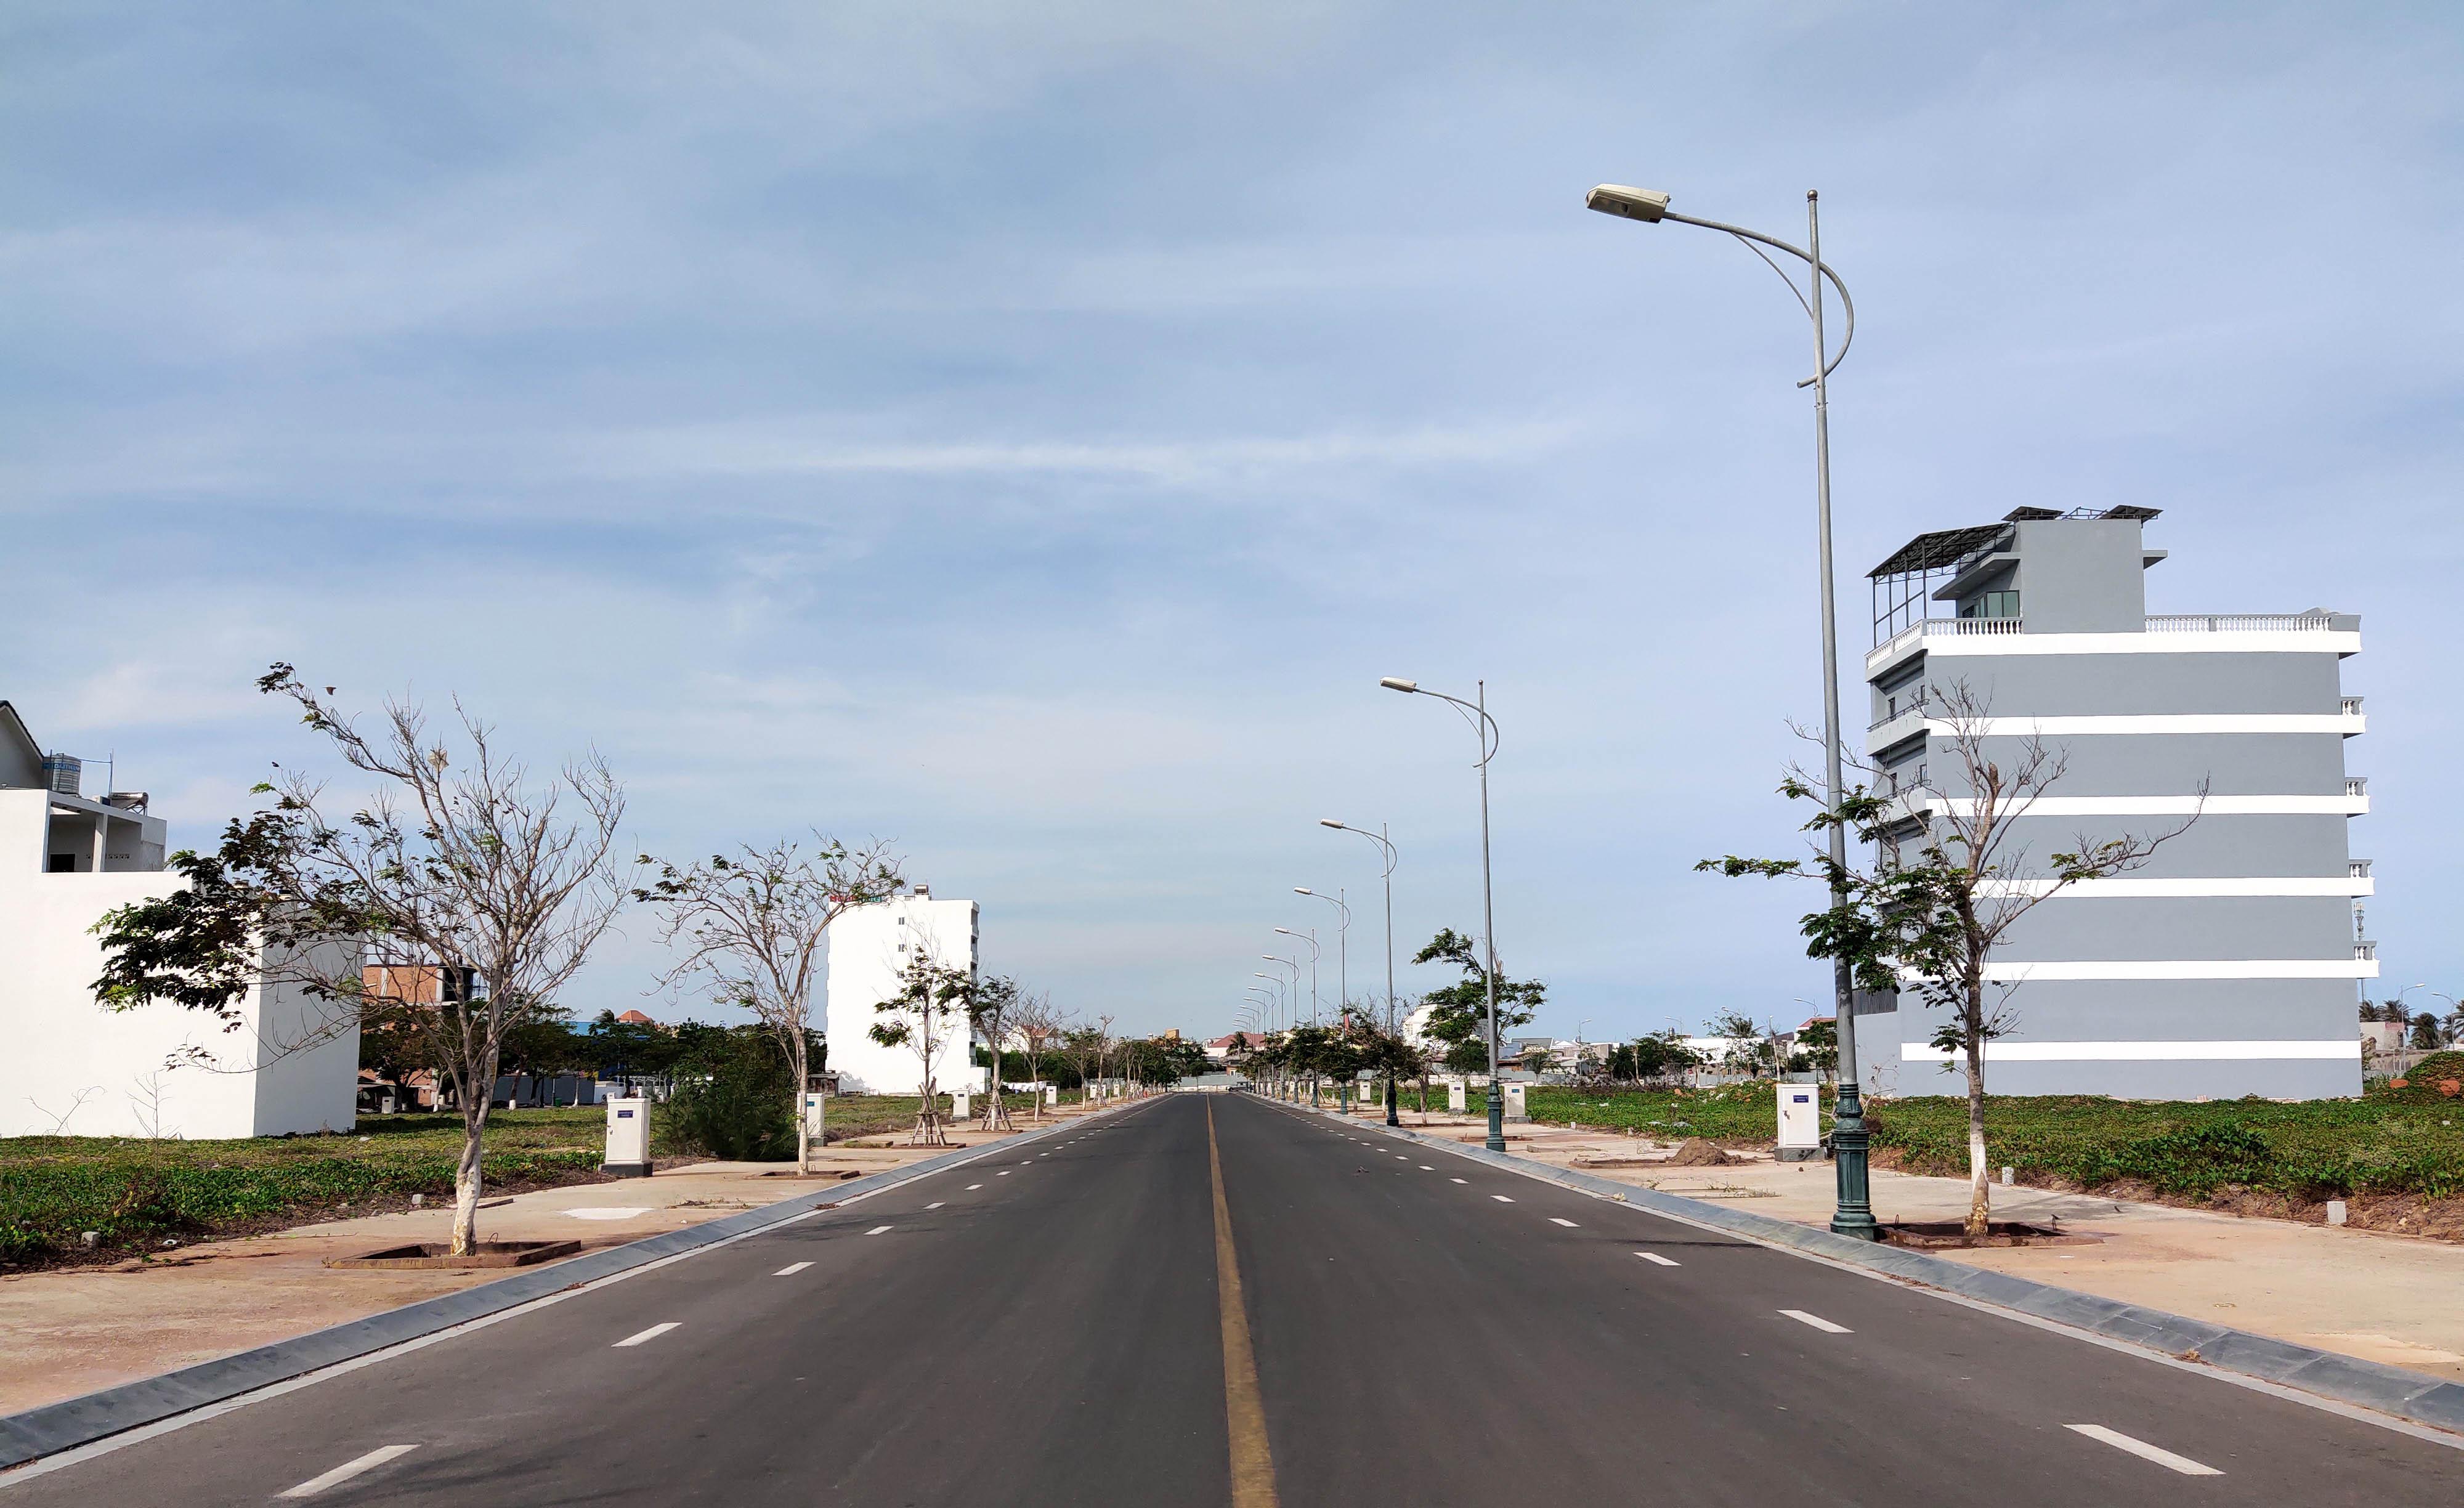 Dự án KĐT du lịch biển Phan Thiết có gì đặc biệt khiến Phó Thủ tướng chỉ đạo làm rõ hàng loạt nội dung - Ảnh 9.